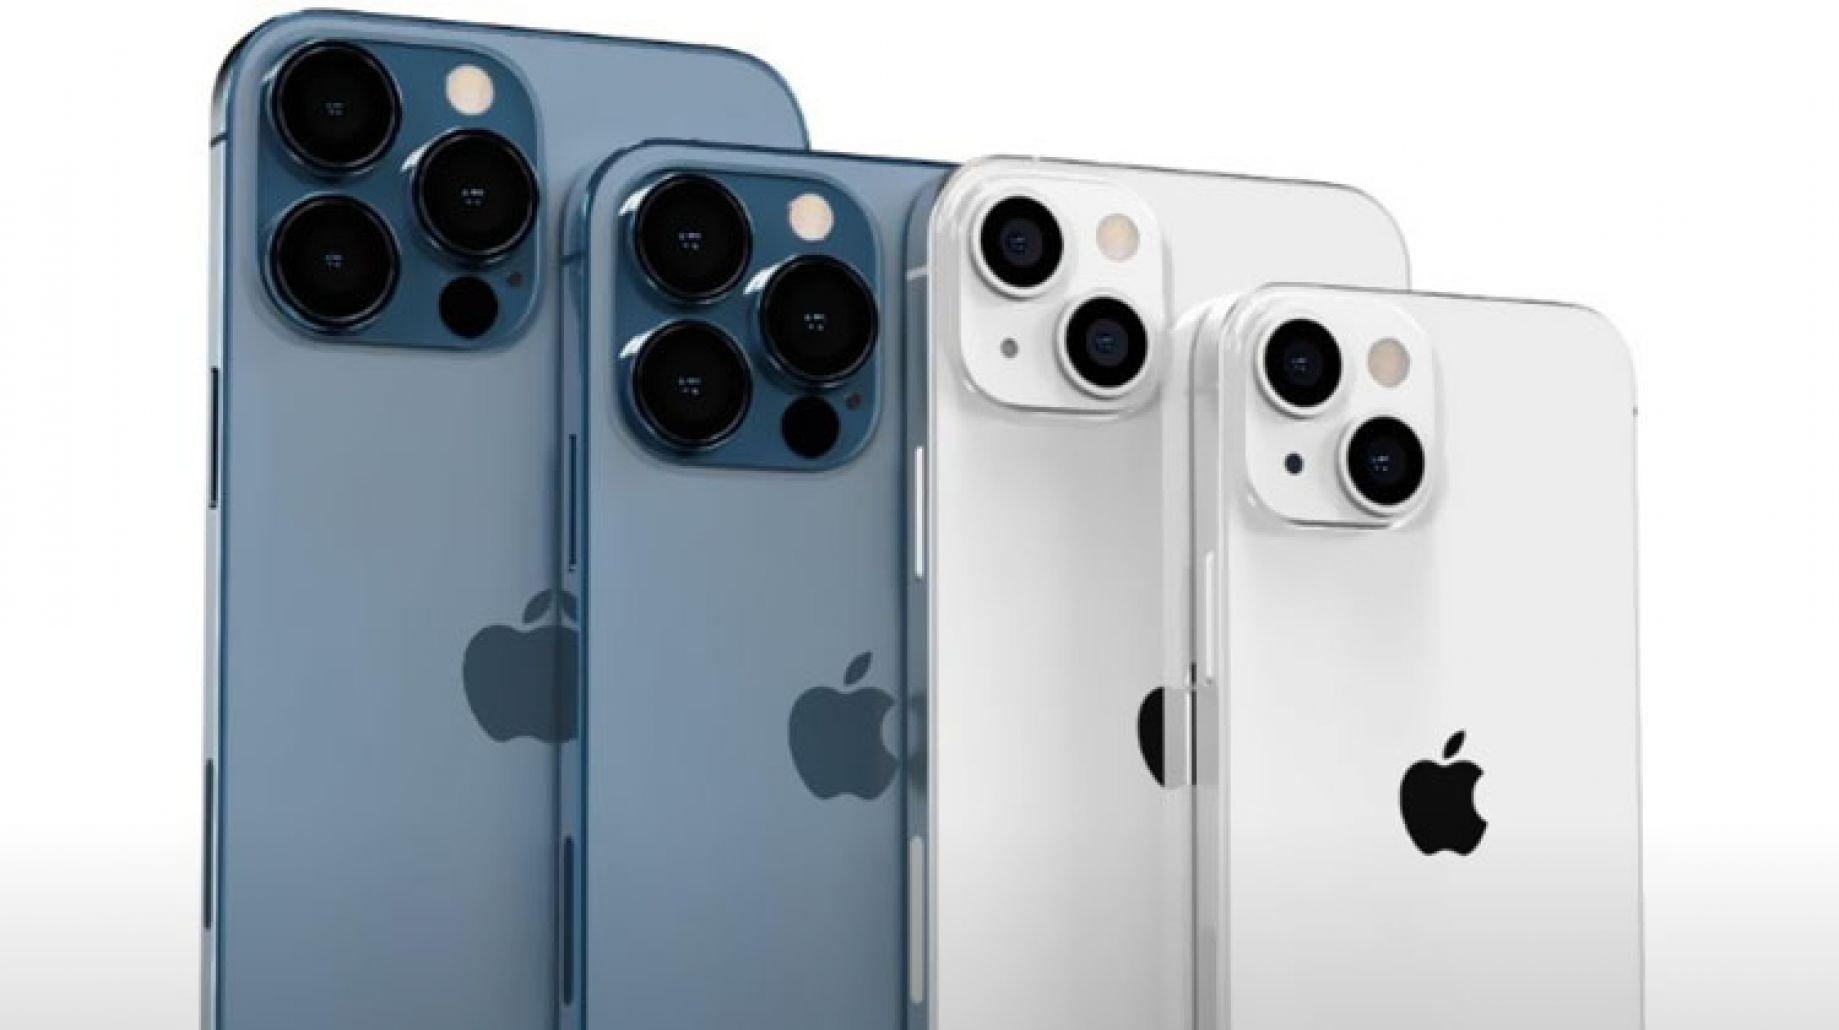 أسعار سلسلة iPhone 13 الرسمية بالسوق المصري